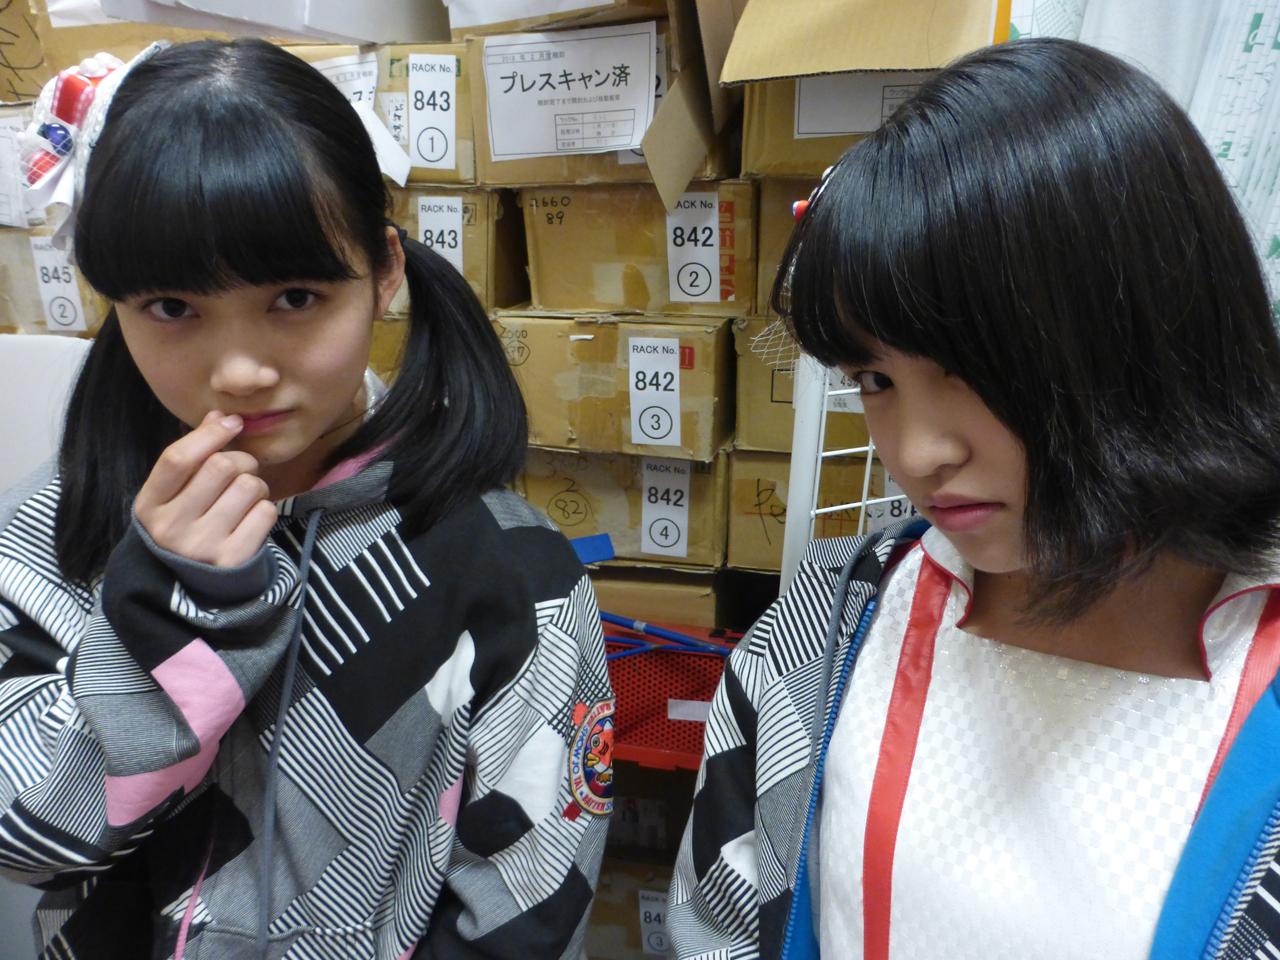 Nishigaki apakah dibilang jangan bicara, ia melakukan gesture menutup resleting dimulut. Hoshino, ini…… aura anak nakalnya keluar ya haha (Tertawa). (Arisa/Sora)